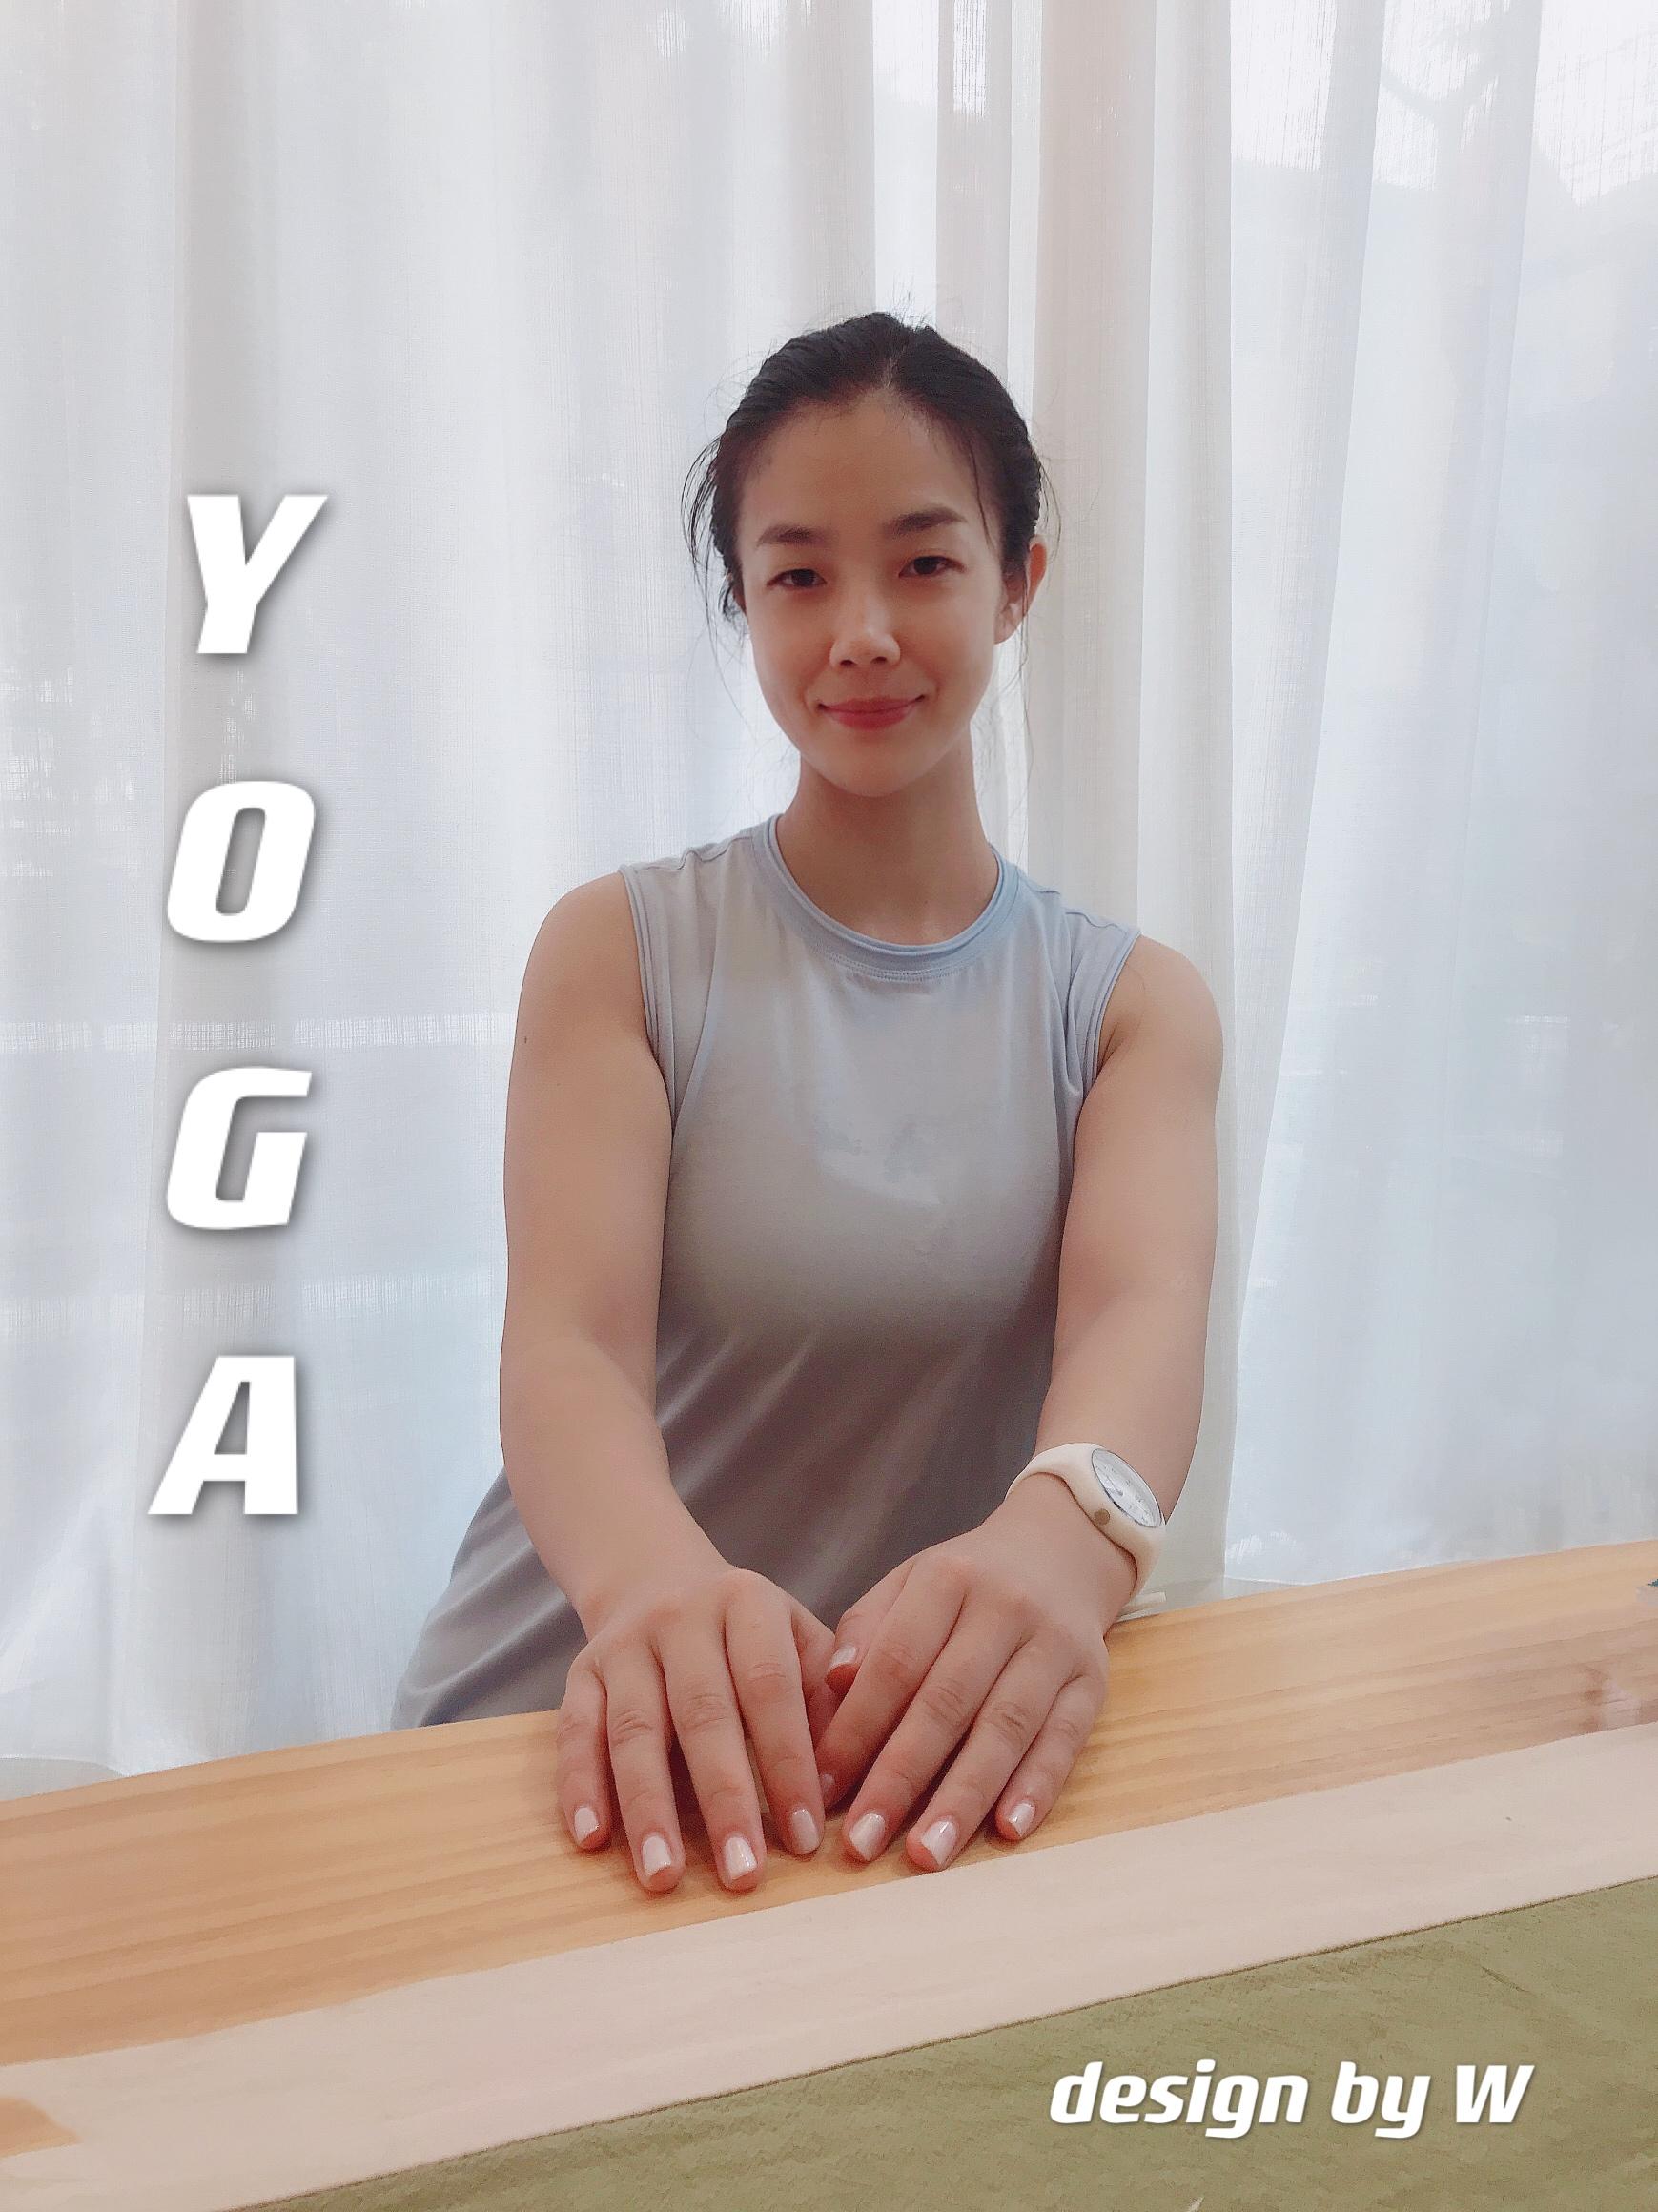 温韵茹:教学瑜伽收获的感激与成就